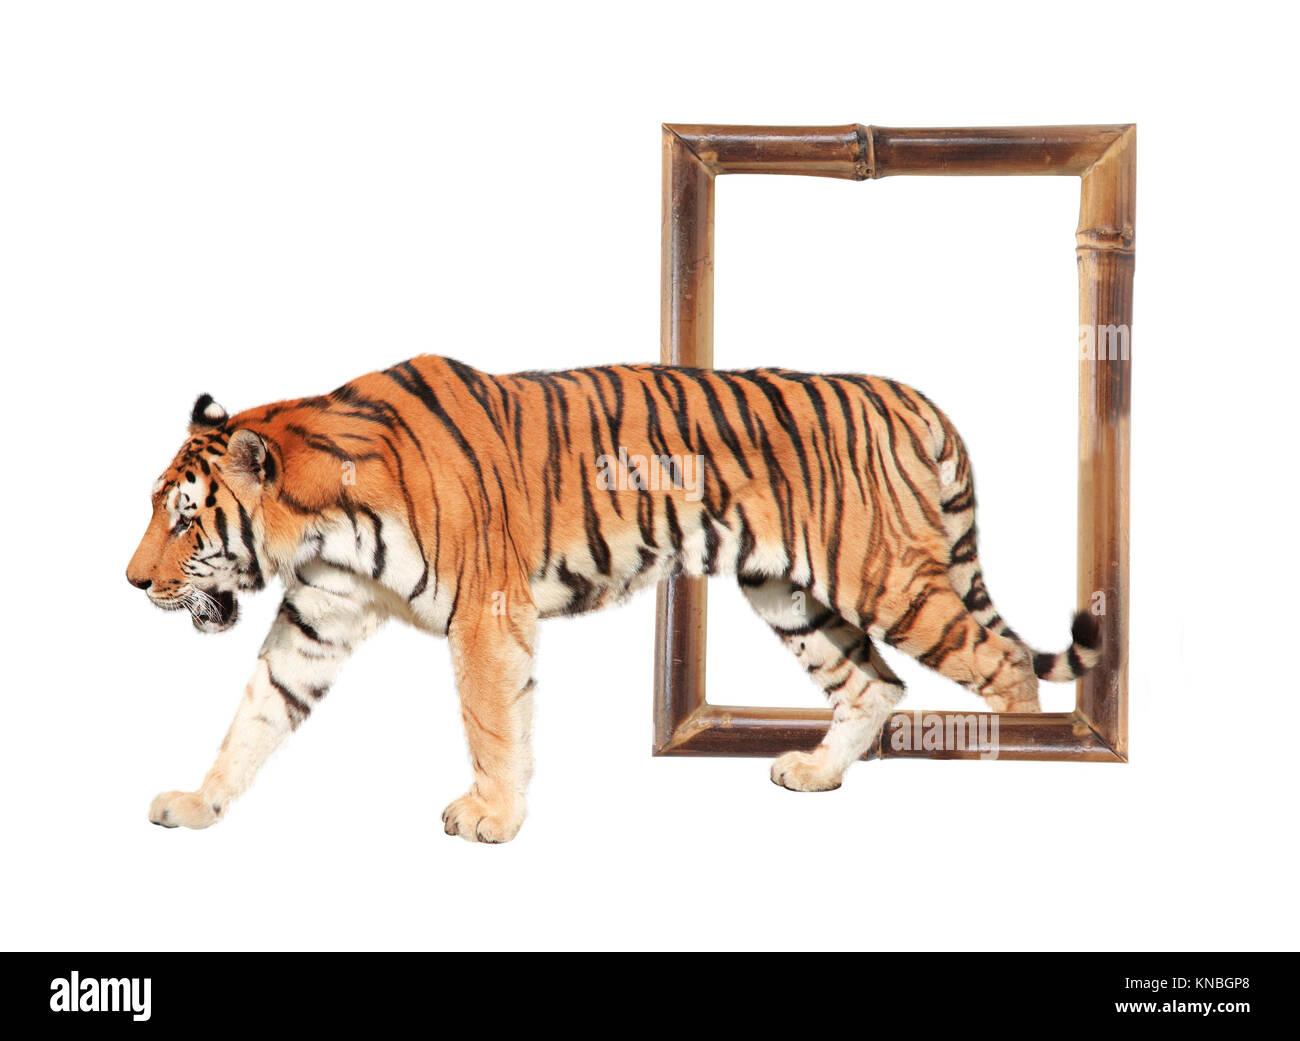 Tigre saliendo de un marco de bambú (efecto 3D). Aislado sobre fondo ...